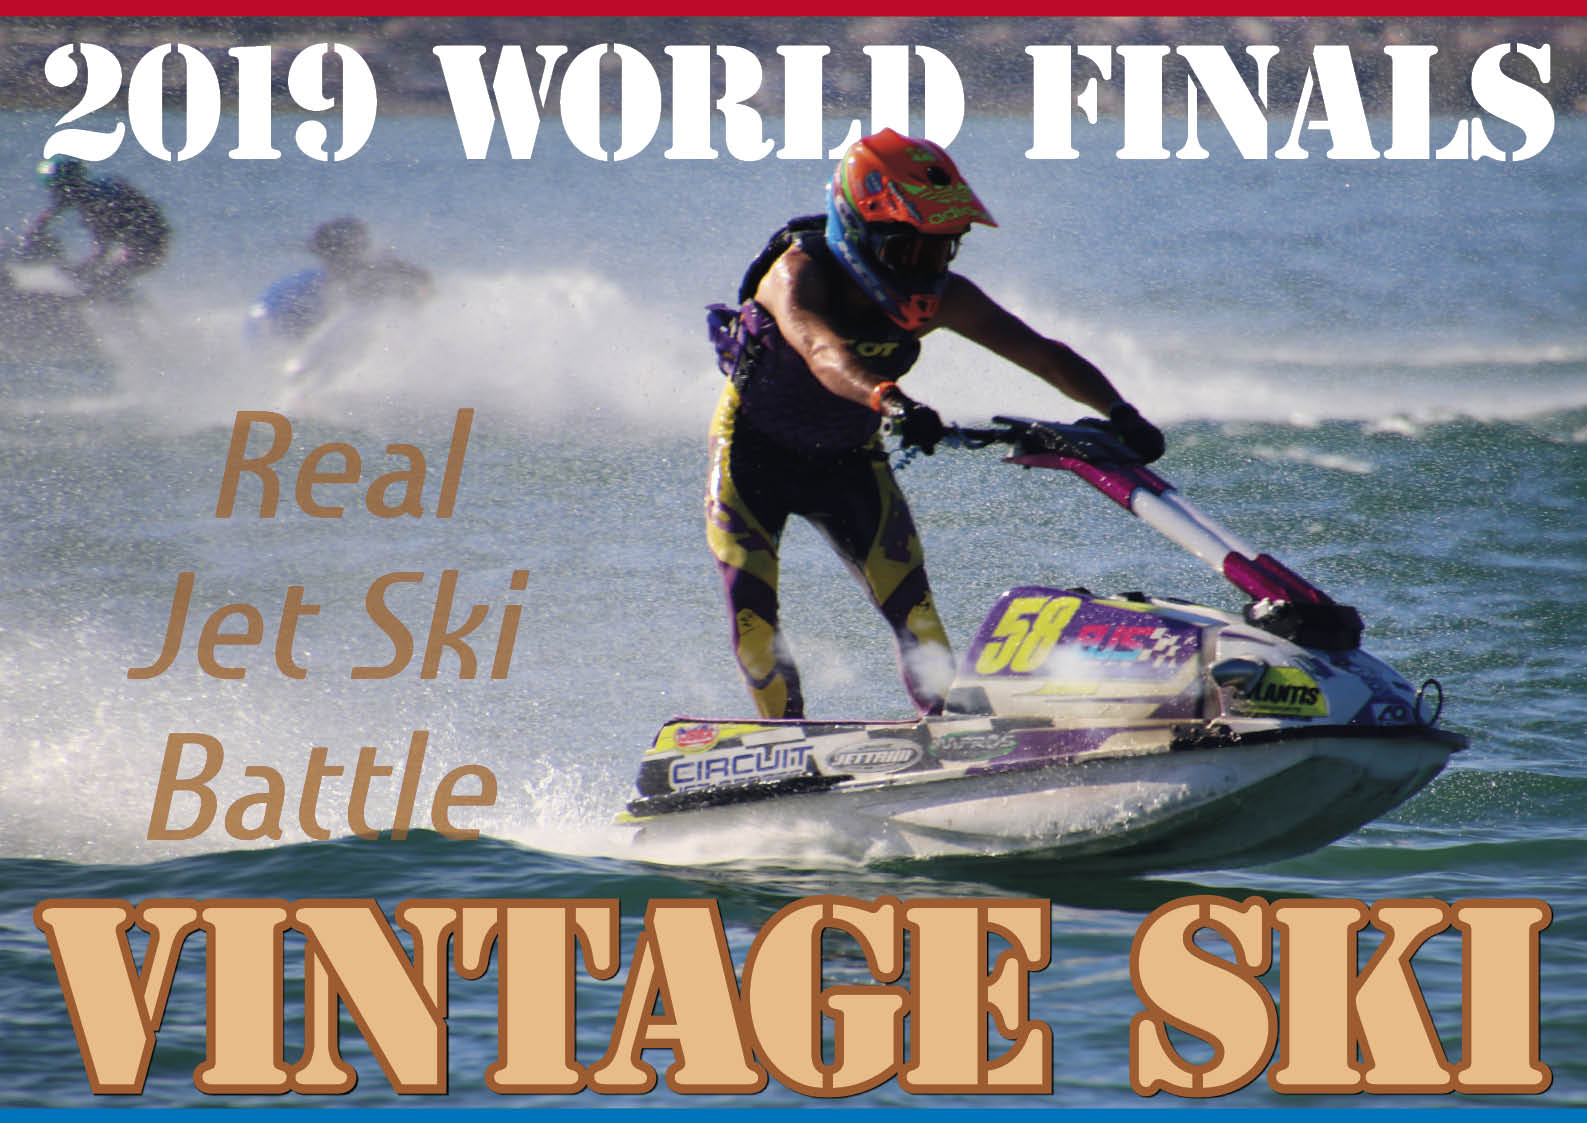 ジェットスポーツの原点 ヴィンテージスキークラス 2019年 ワールドファイナル ジェットスキー(水上バイク)のメジャーレース